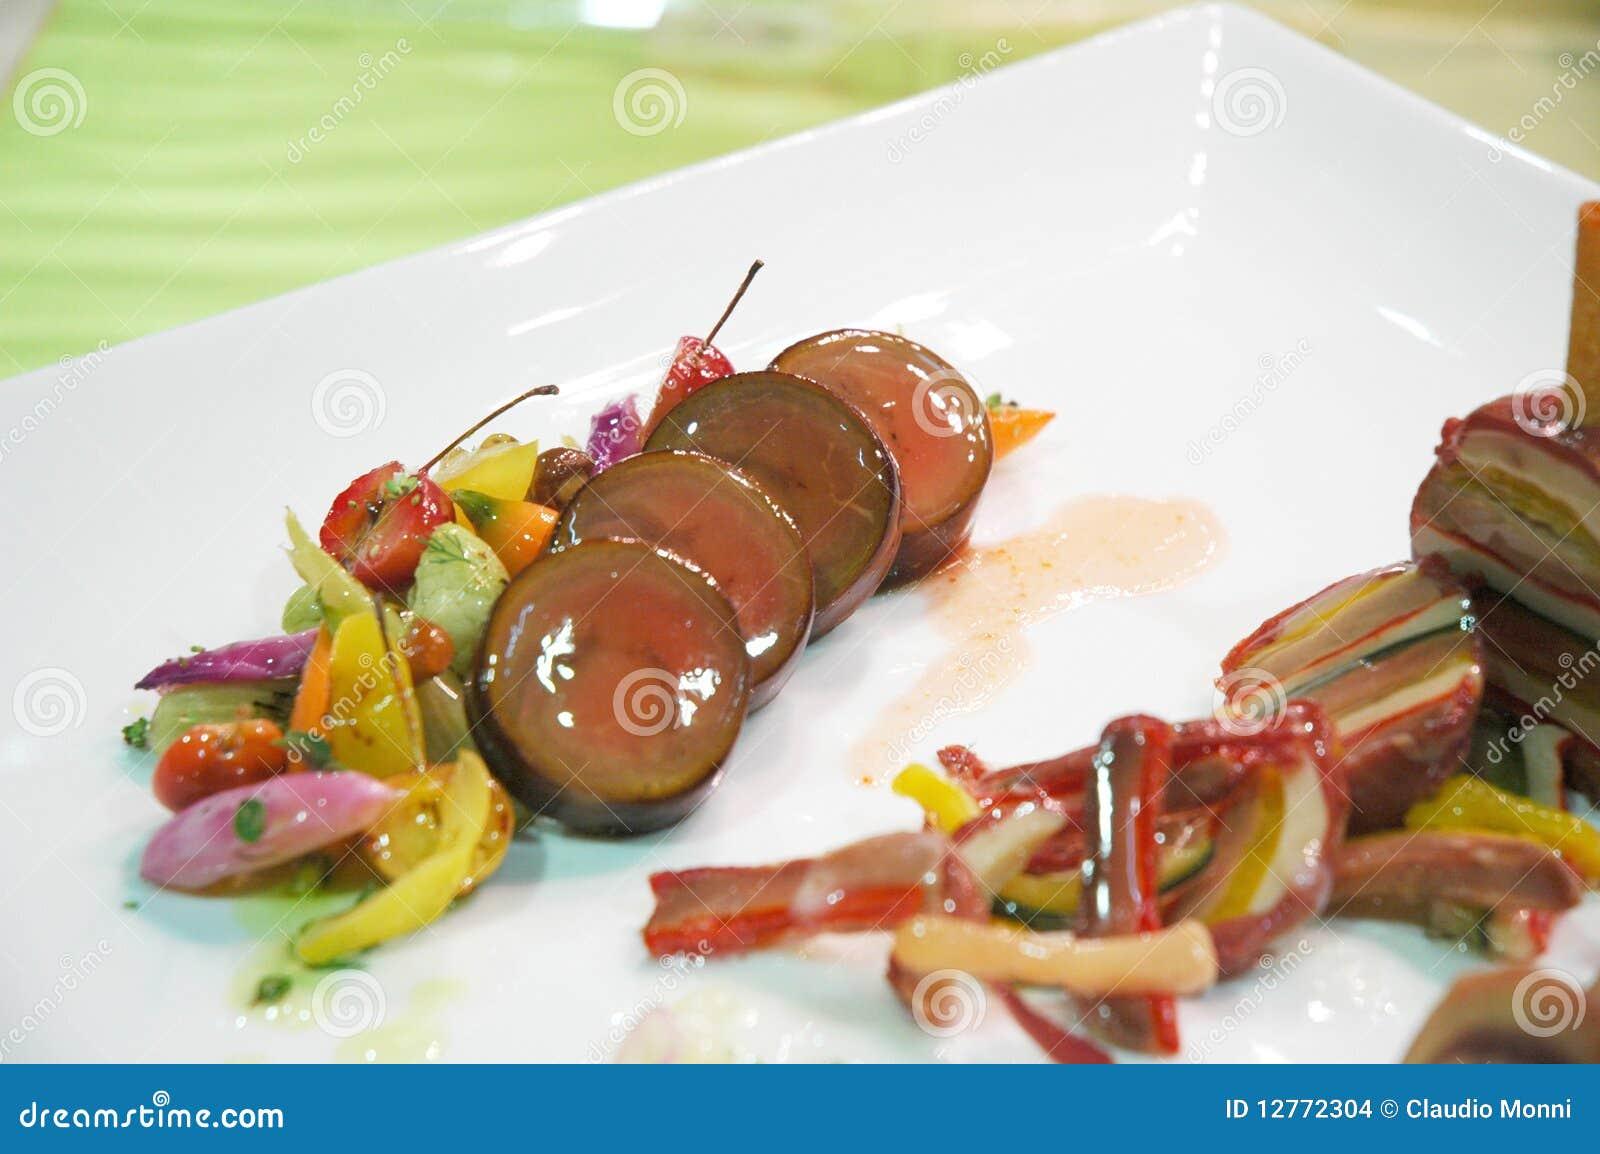 Cucina Italiana In Un Piatto Decorato. #AA3D21 1300 954 Immagini Di Cucina E Soggiorno Insieme